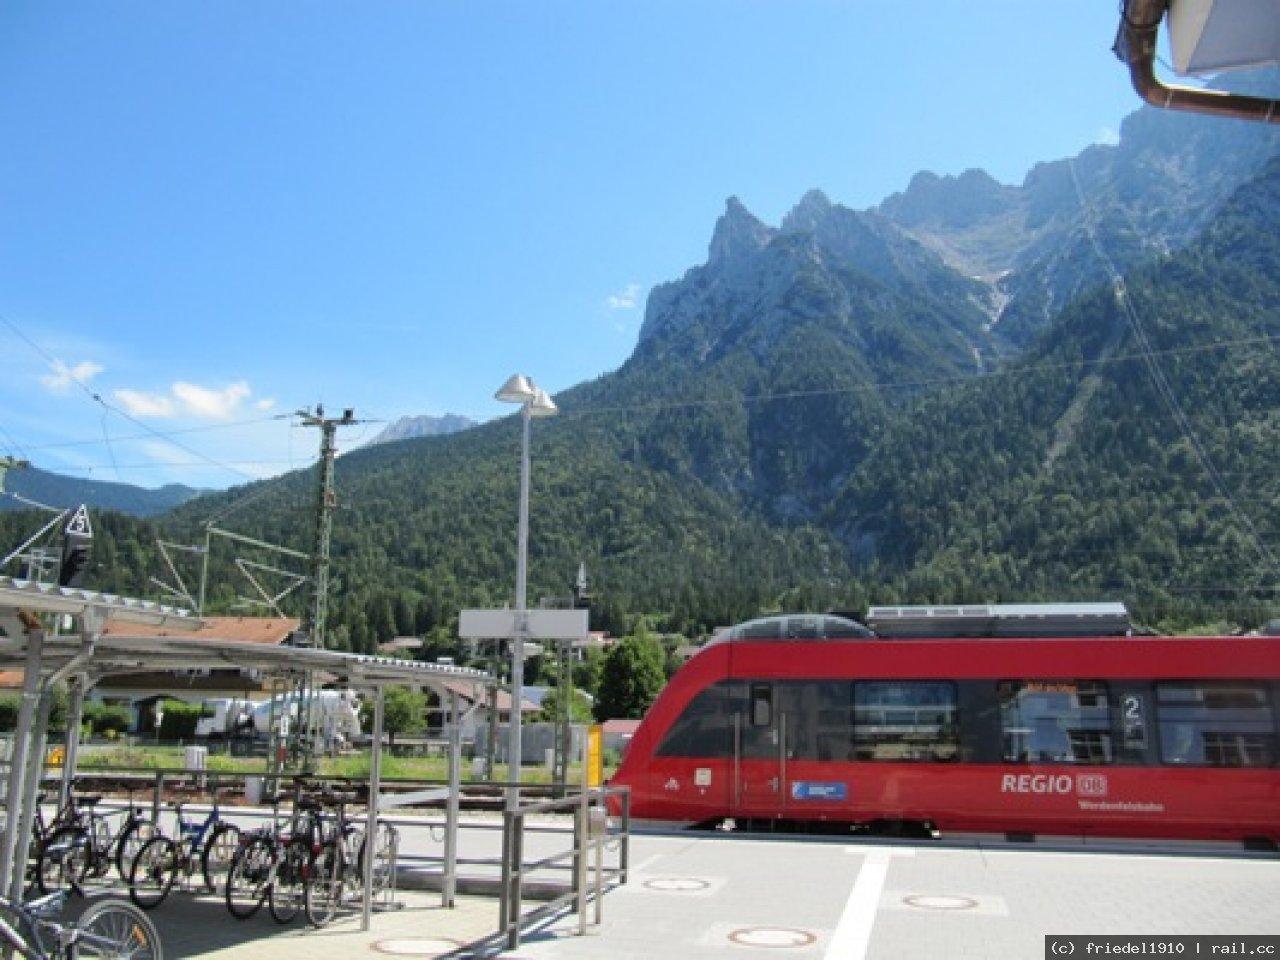 Mittenwald Reiseinformation Railcc